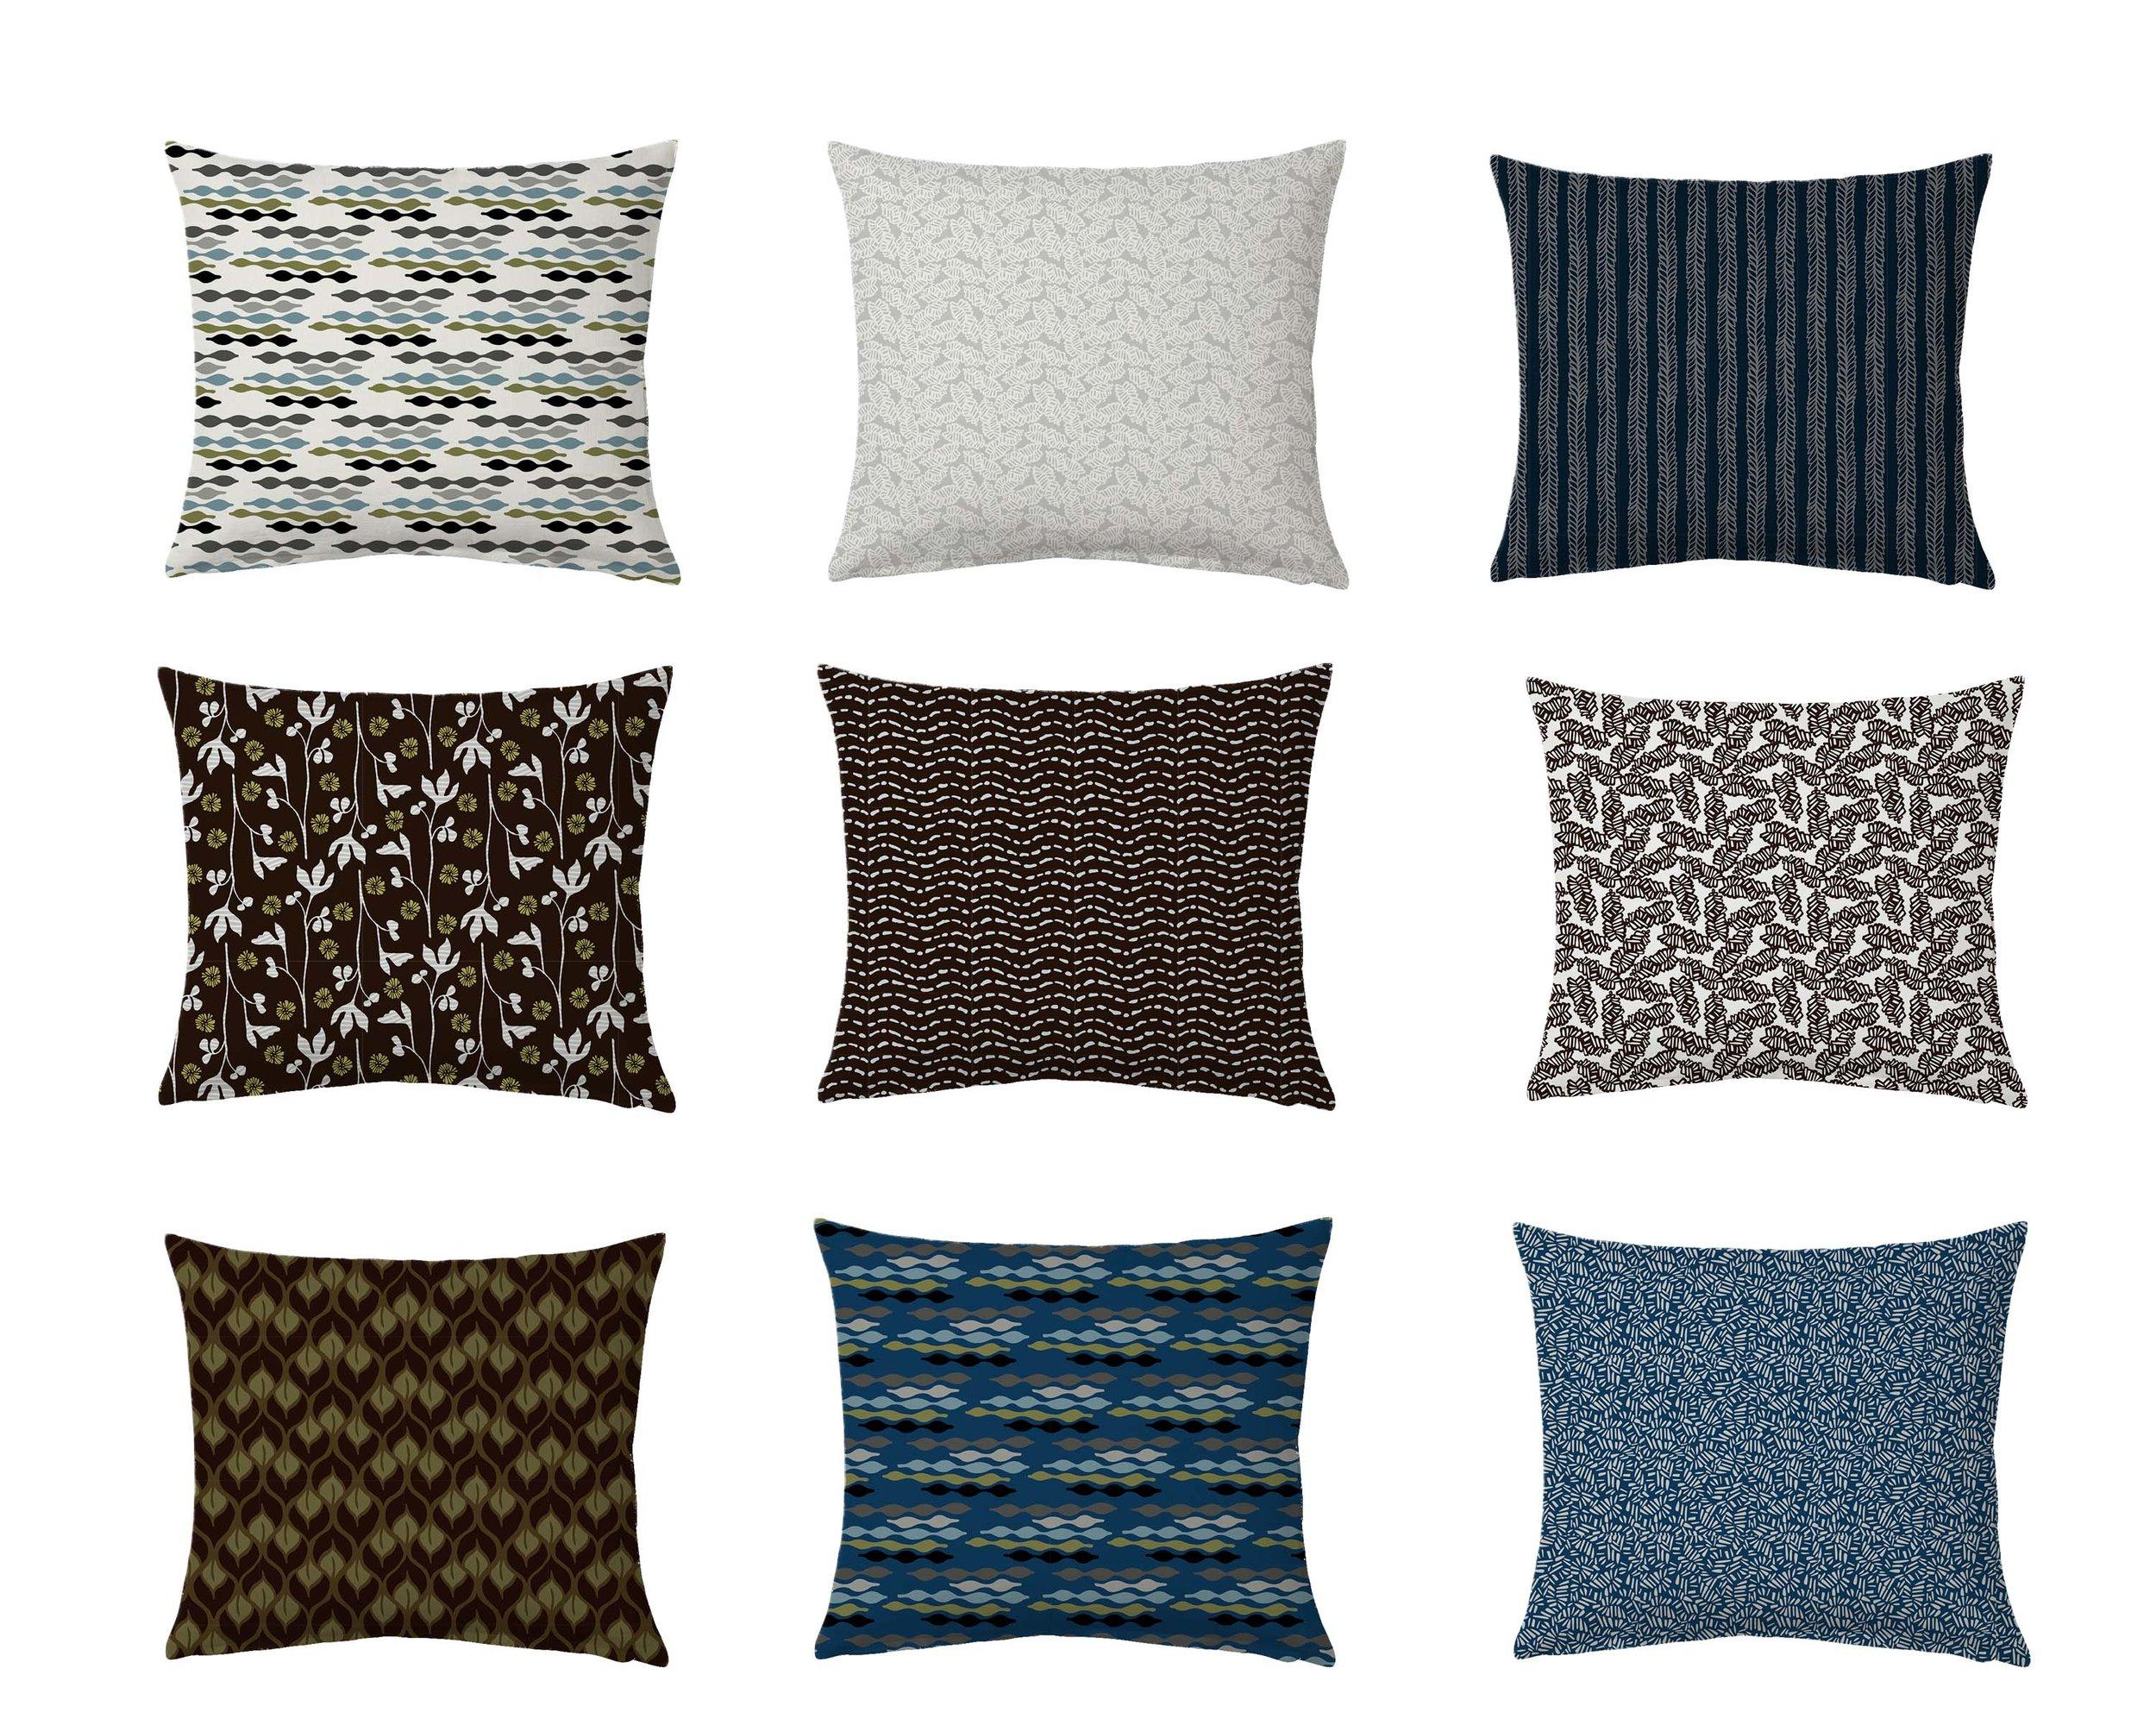 heidi-marie-faessel-textile-design